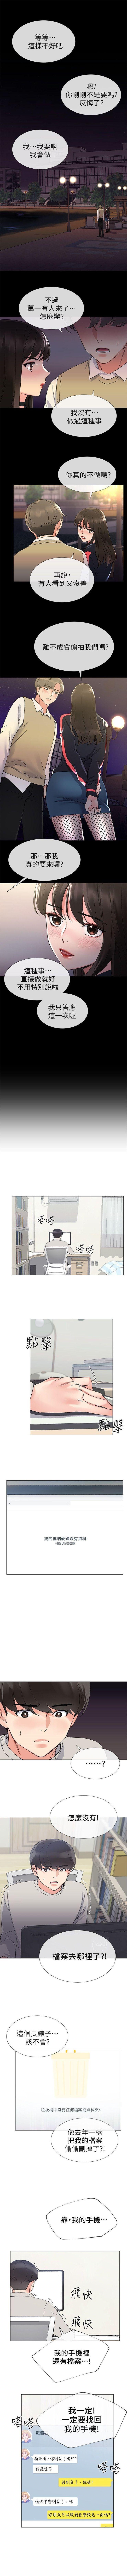 重考生 1-44 中文翻译(更新中) 123